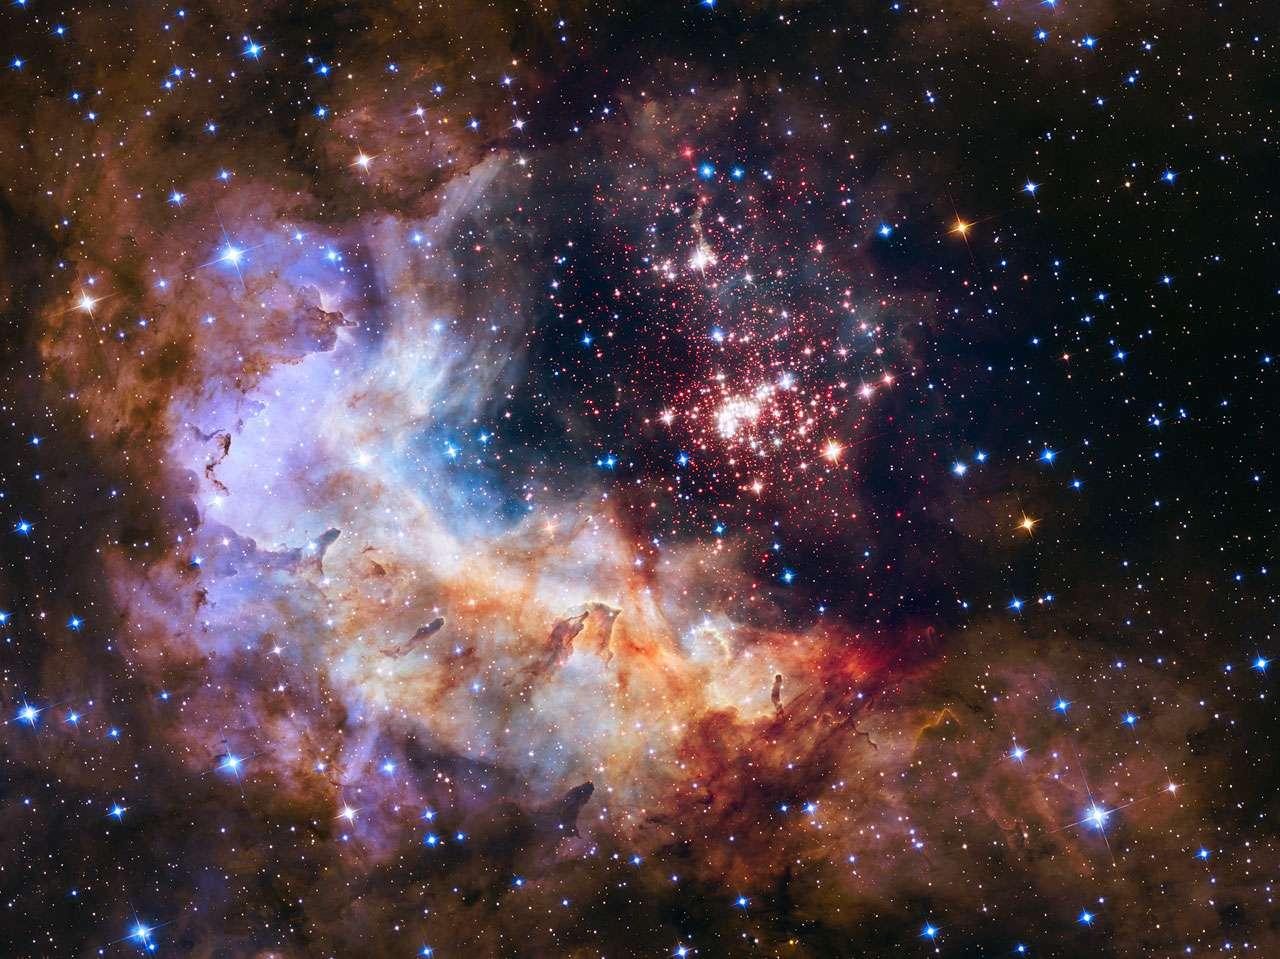 Dans la nébuleuse Gum 29 qui se profile devant l'essaim de jeunes étoiles Westerlund 2, se dressent des piliers de gaz hérissés, tous érodés par les vents violents des astres les plus massifs. Ce merveilleux tableau composite mélange des images prises dans le visible et le proche infrarouge avec les caméras ACS et WFC3 du télescope spatial qui fête, le 24 avril, ses 25 ans dans l'espace. © Nasa, Esa, the Hubble Heritage Team (STScI/AURA), A. Nota (ESA/STScI), the Westerlund 2 Science Team